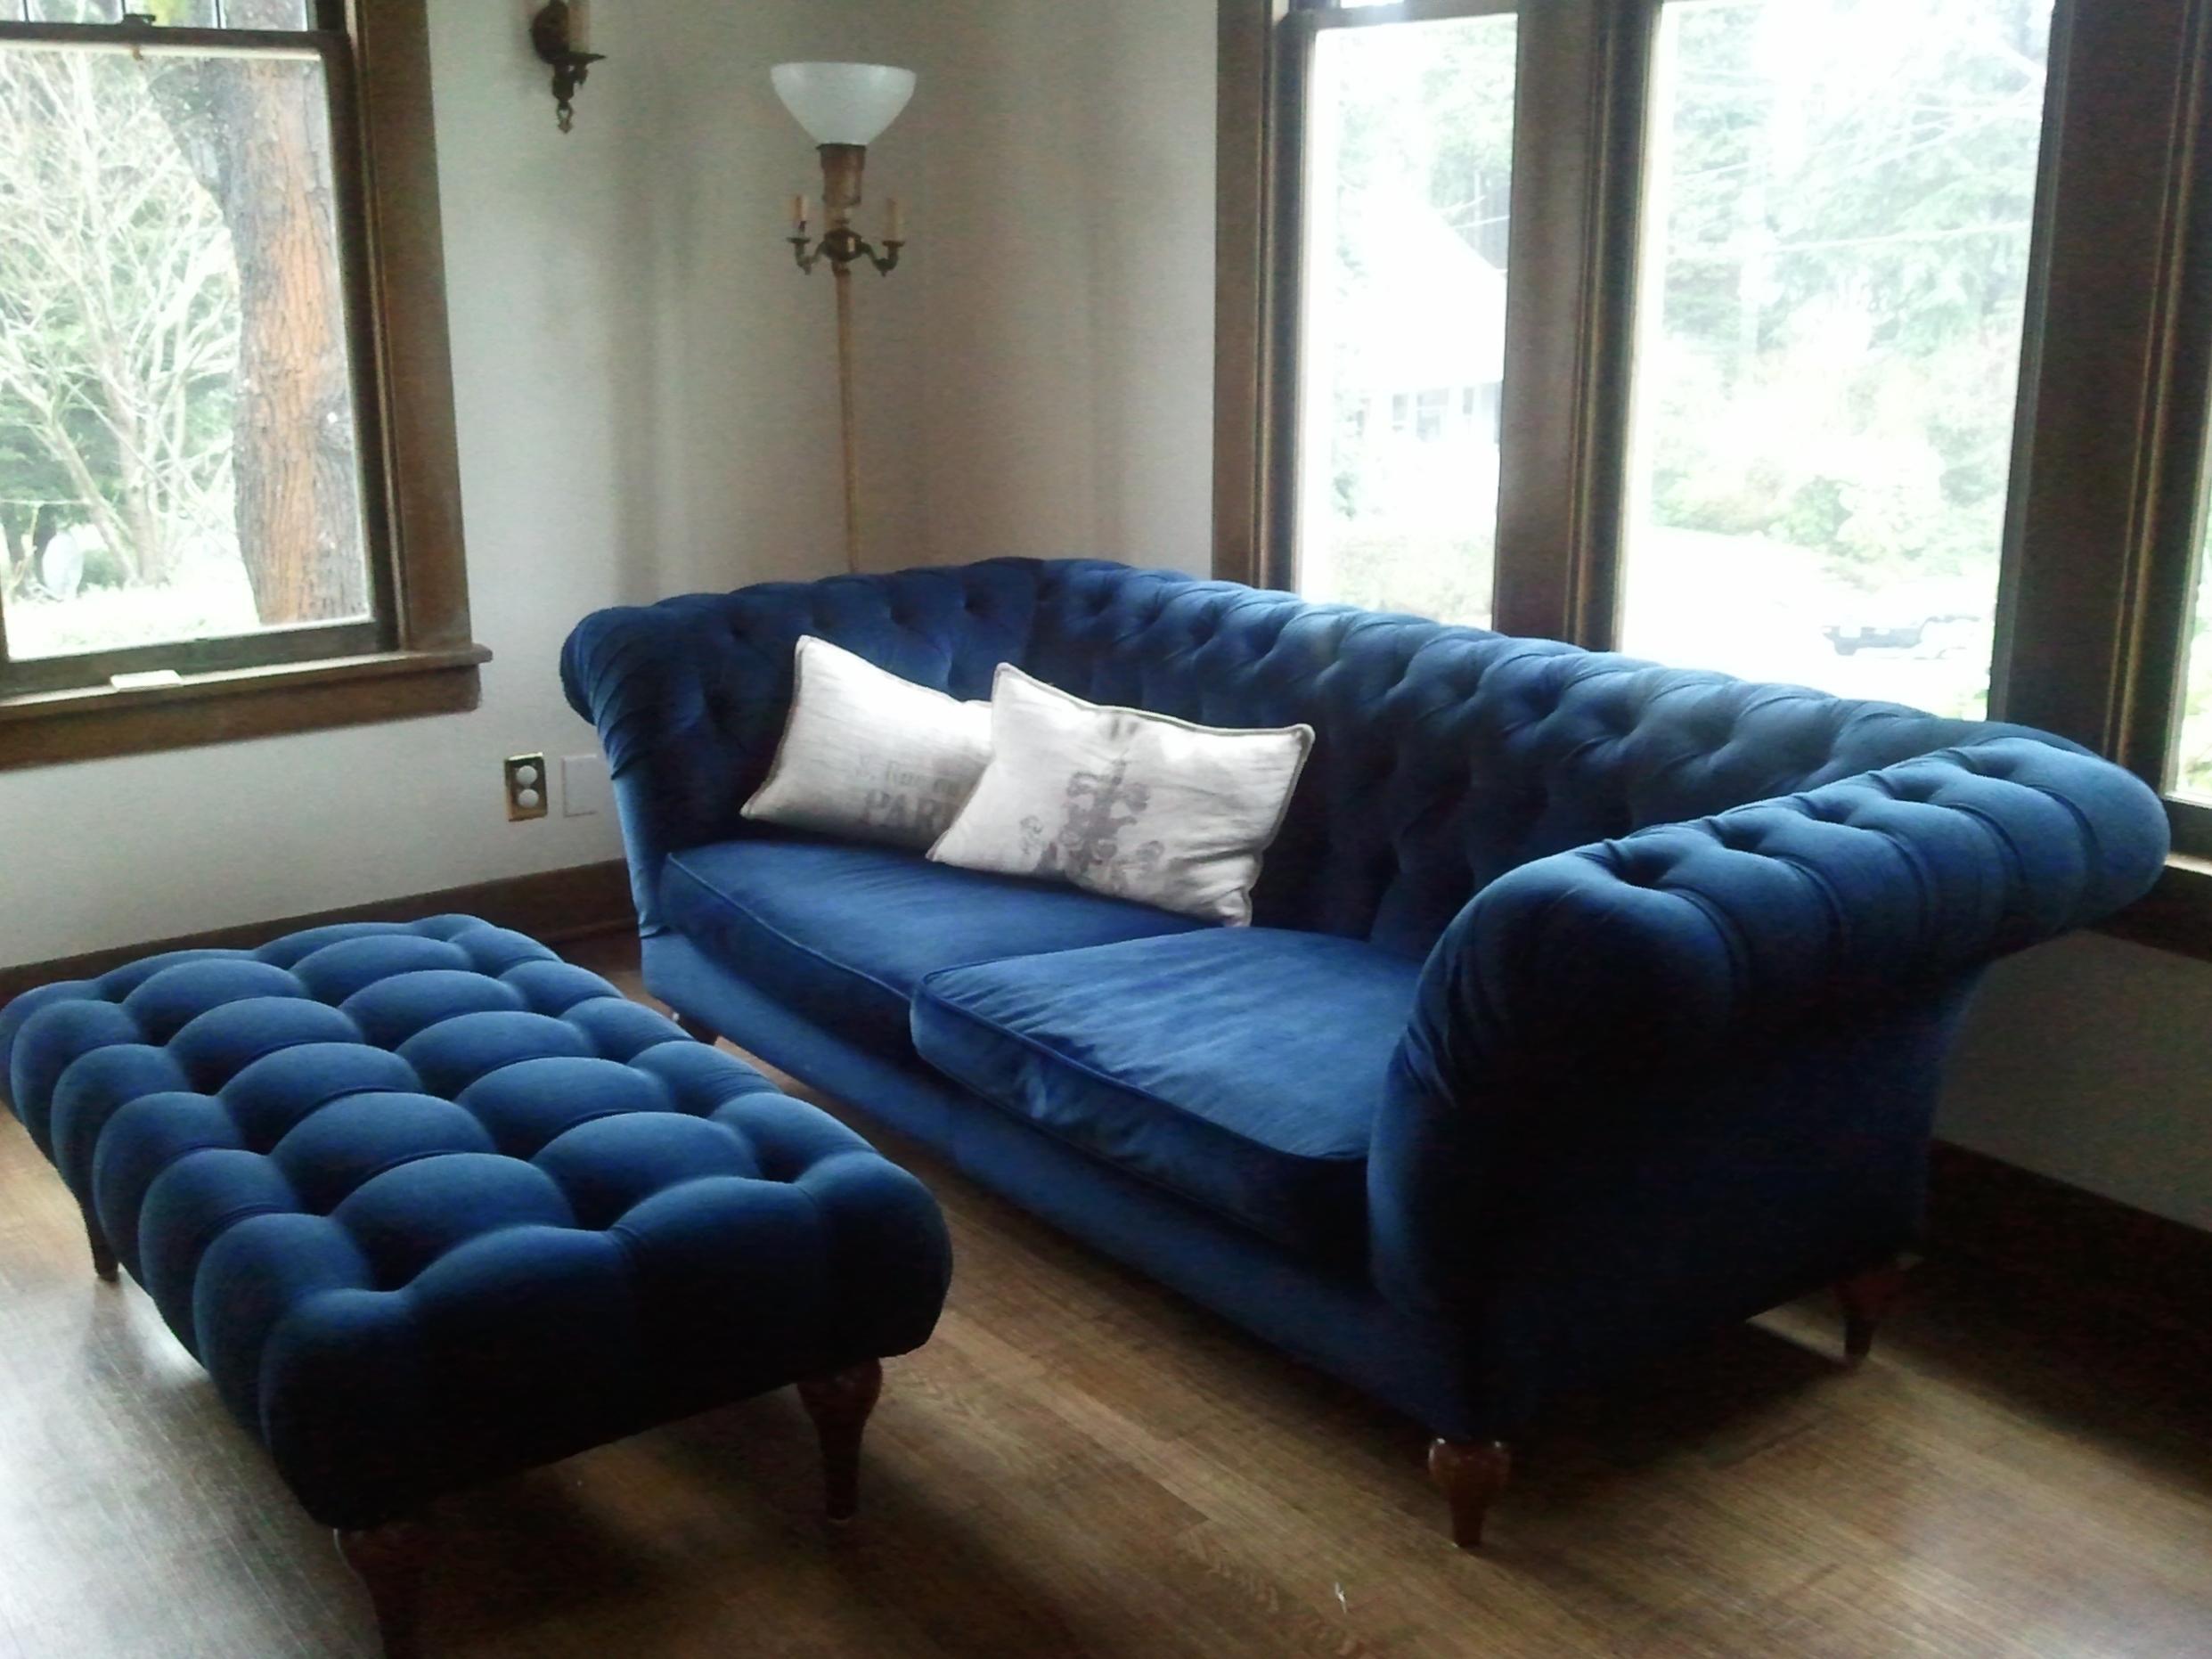 Sofas Center : Craigslist Sofa Futon Beds Springdale Arcraigslist With Craigslist Sectional Sofas (Image 17 of 20)